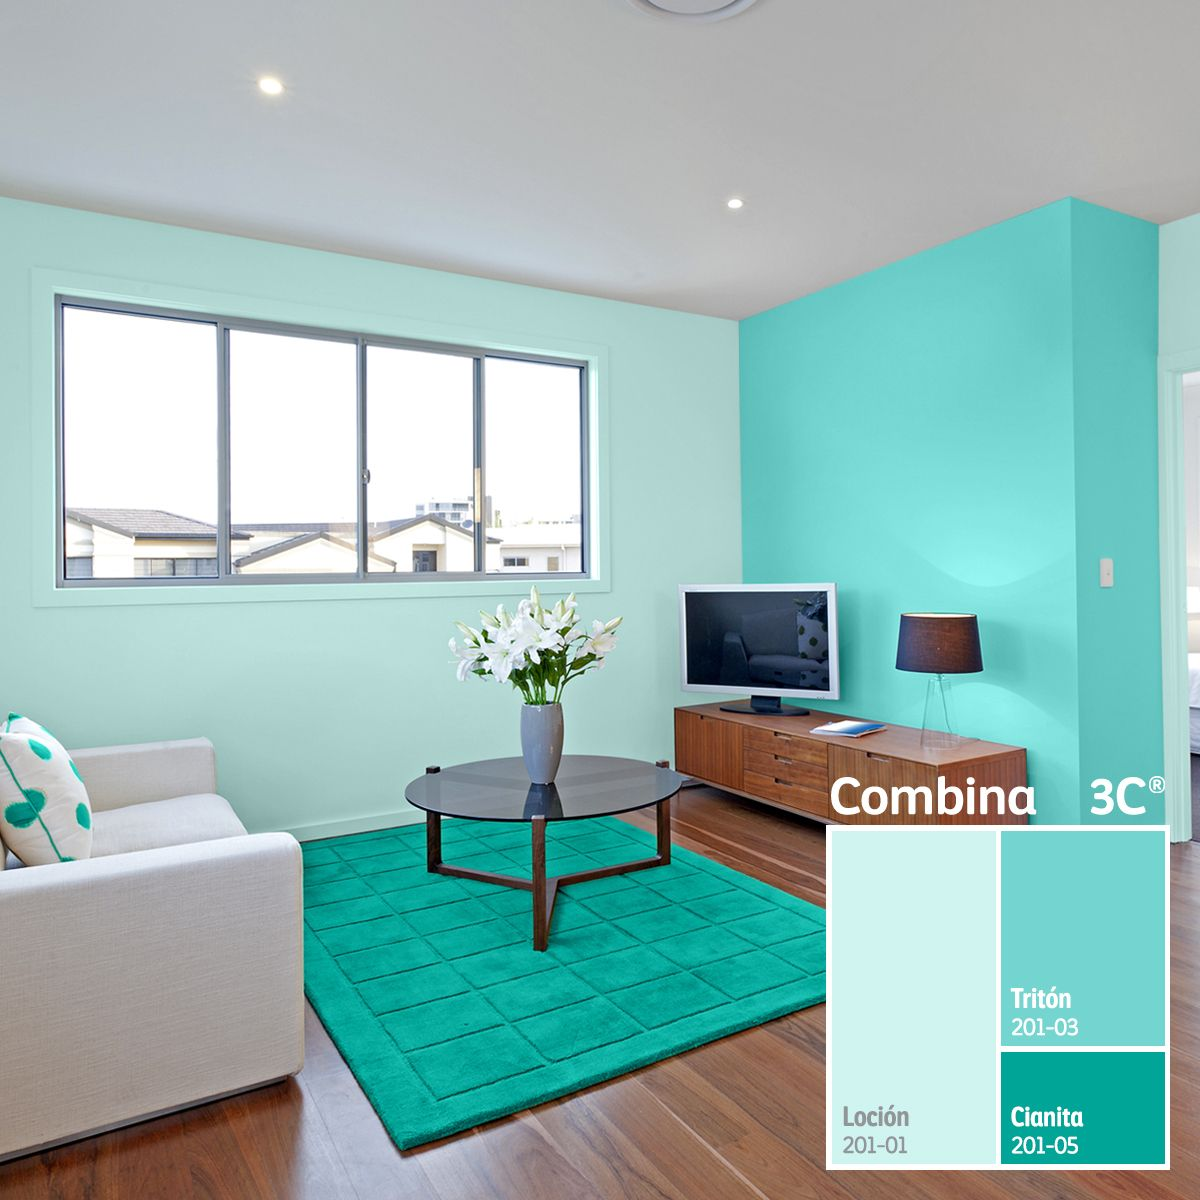 Para Crear Combinaciones Monocromaticas Solo Debes Elegir Un Mismo Color Y Jugar Con Colores De Casas Interiores Colores De Interiores Decoracion De Interiores